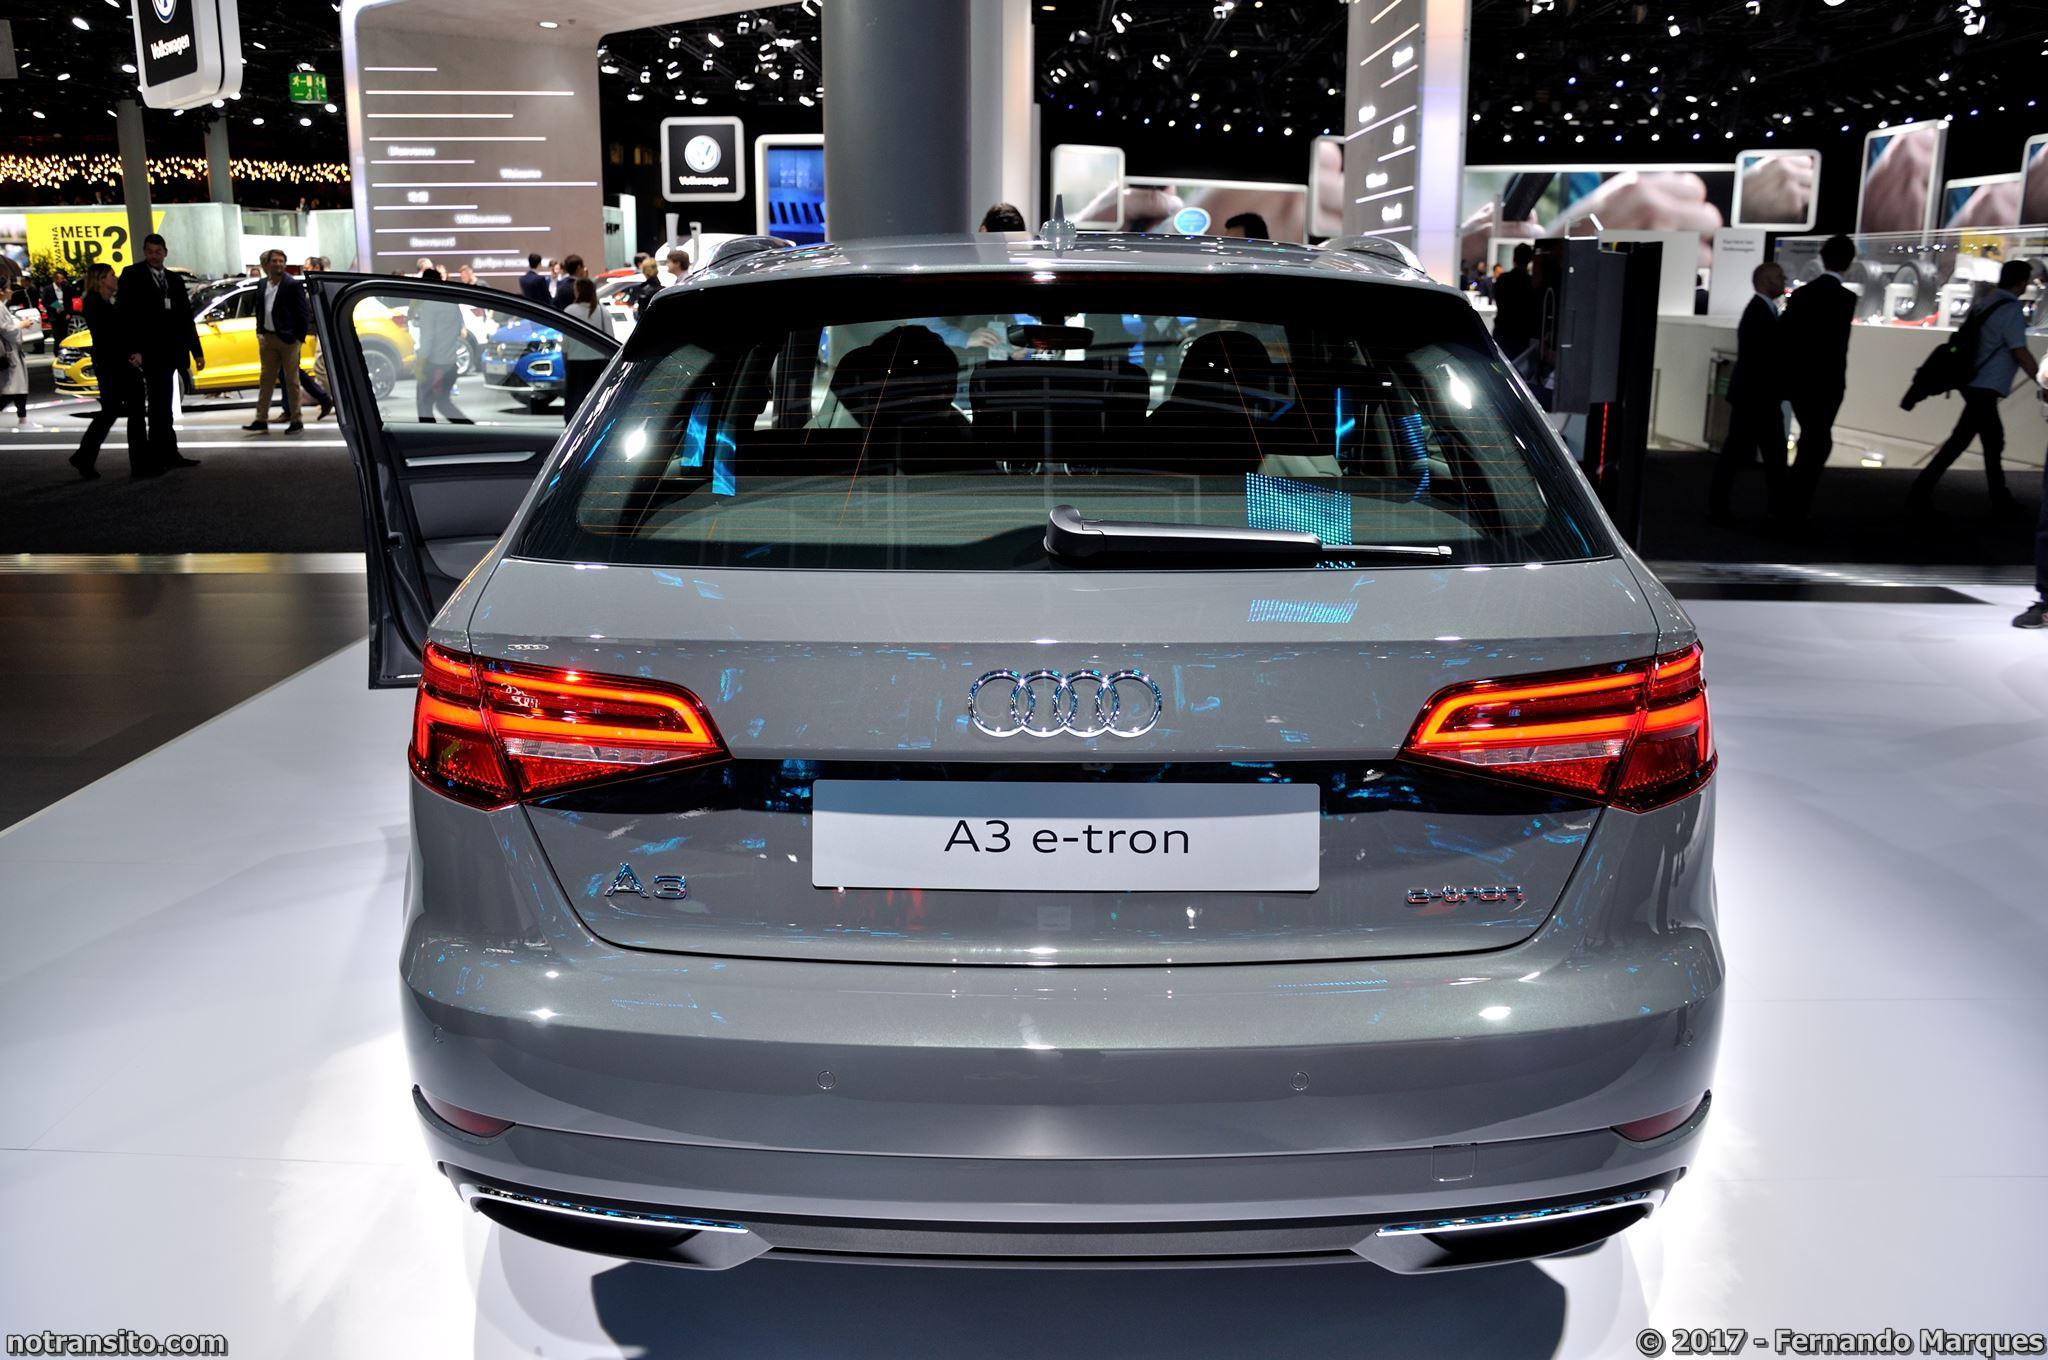 Audi-e-tron-Frankfurt-2017-003